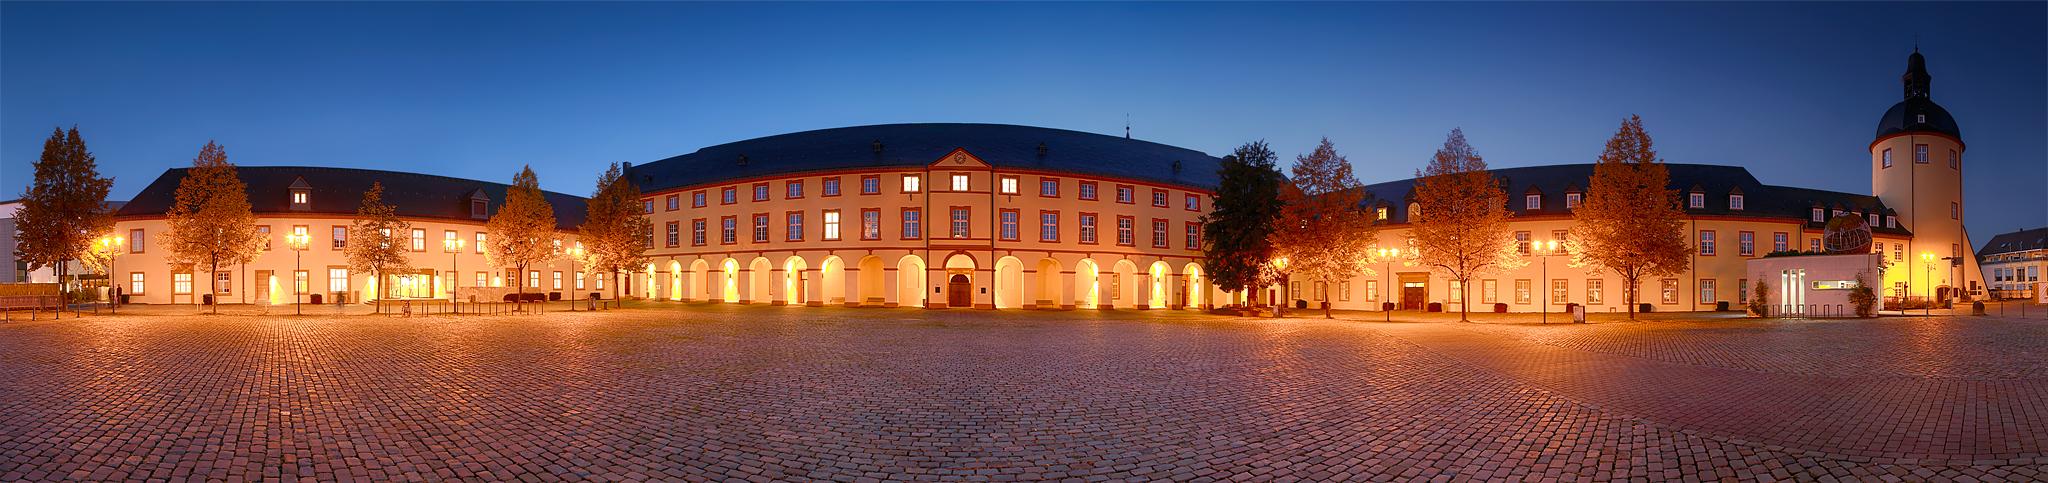 Unteres Schloss Siegen